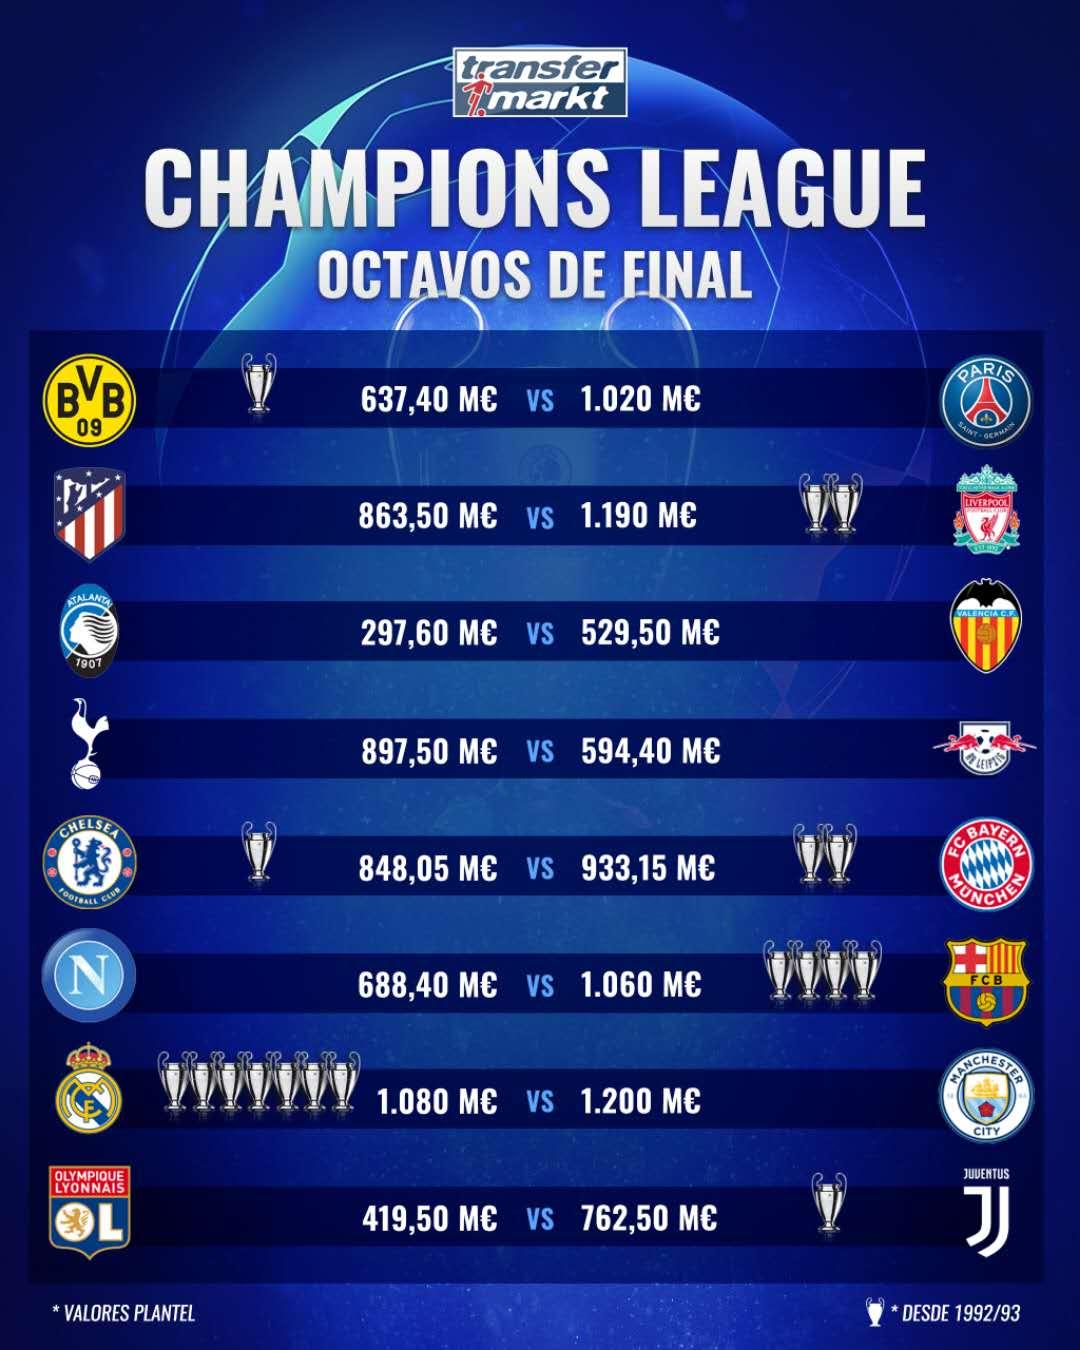 欧冠1/8决赛球队身价对比:皇马曼城总身价达22.8亿欧